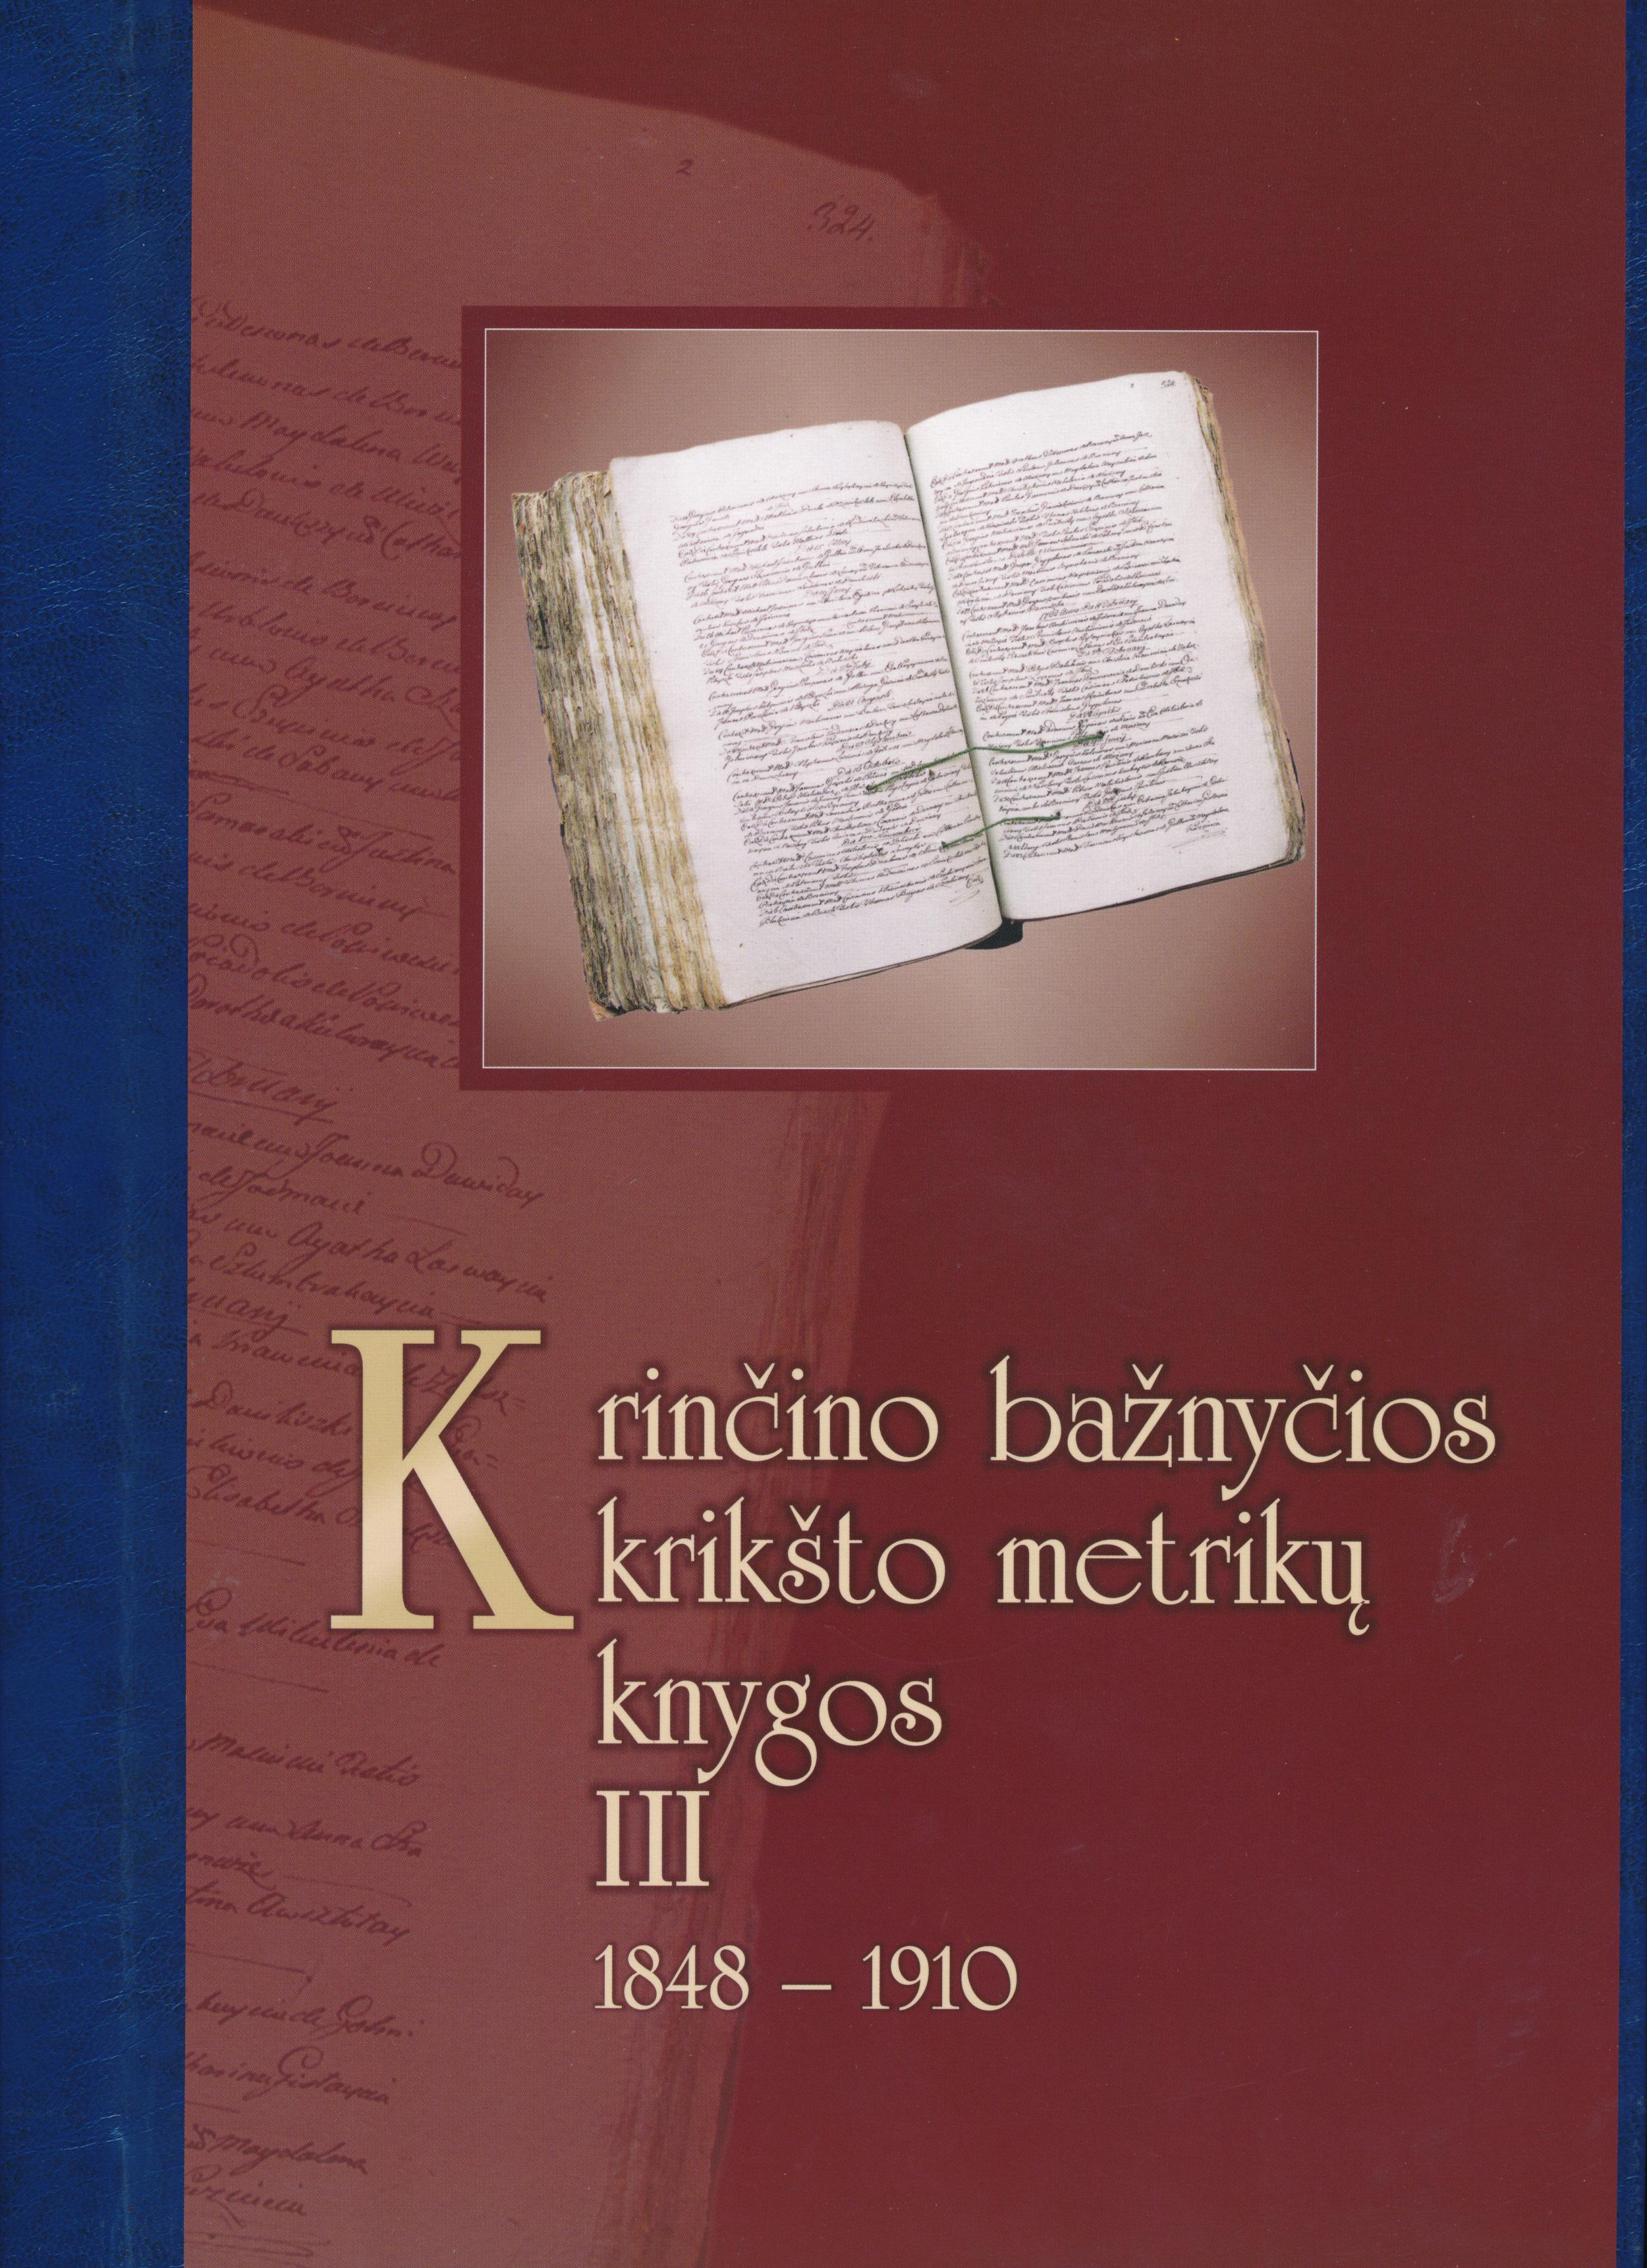 Krinčino bažnyčios krikšto metrikų knygos. D. 3